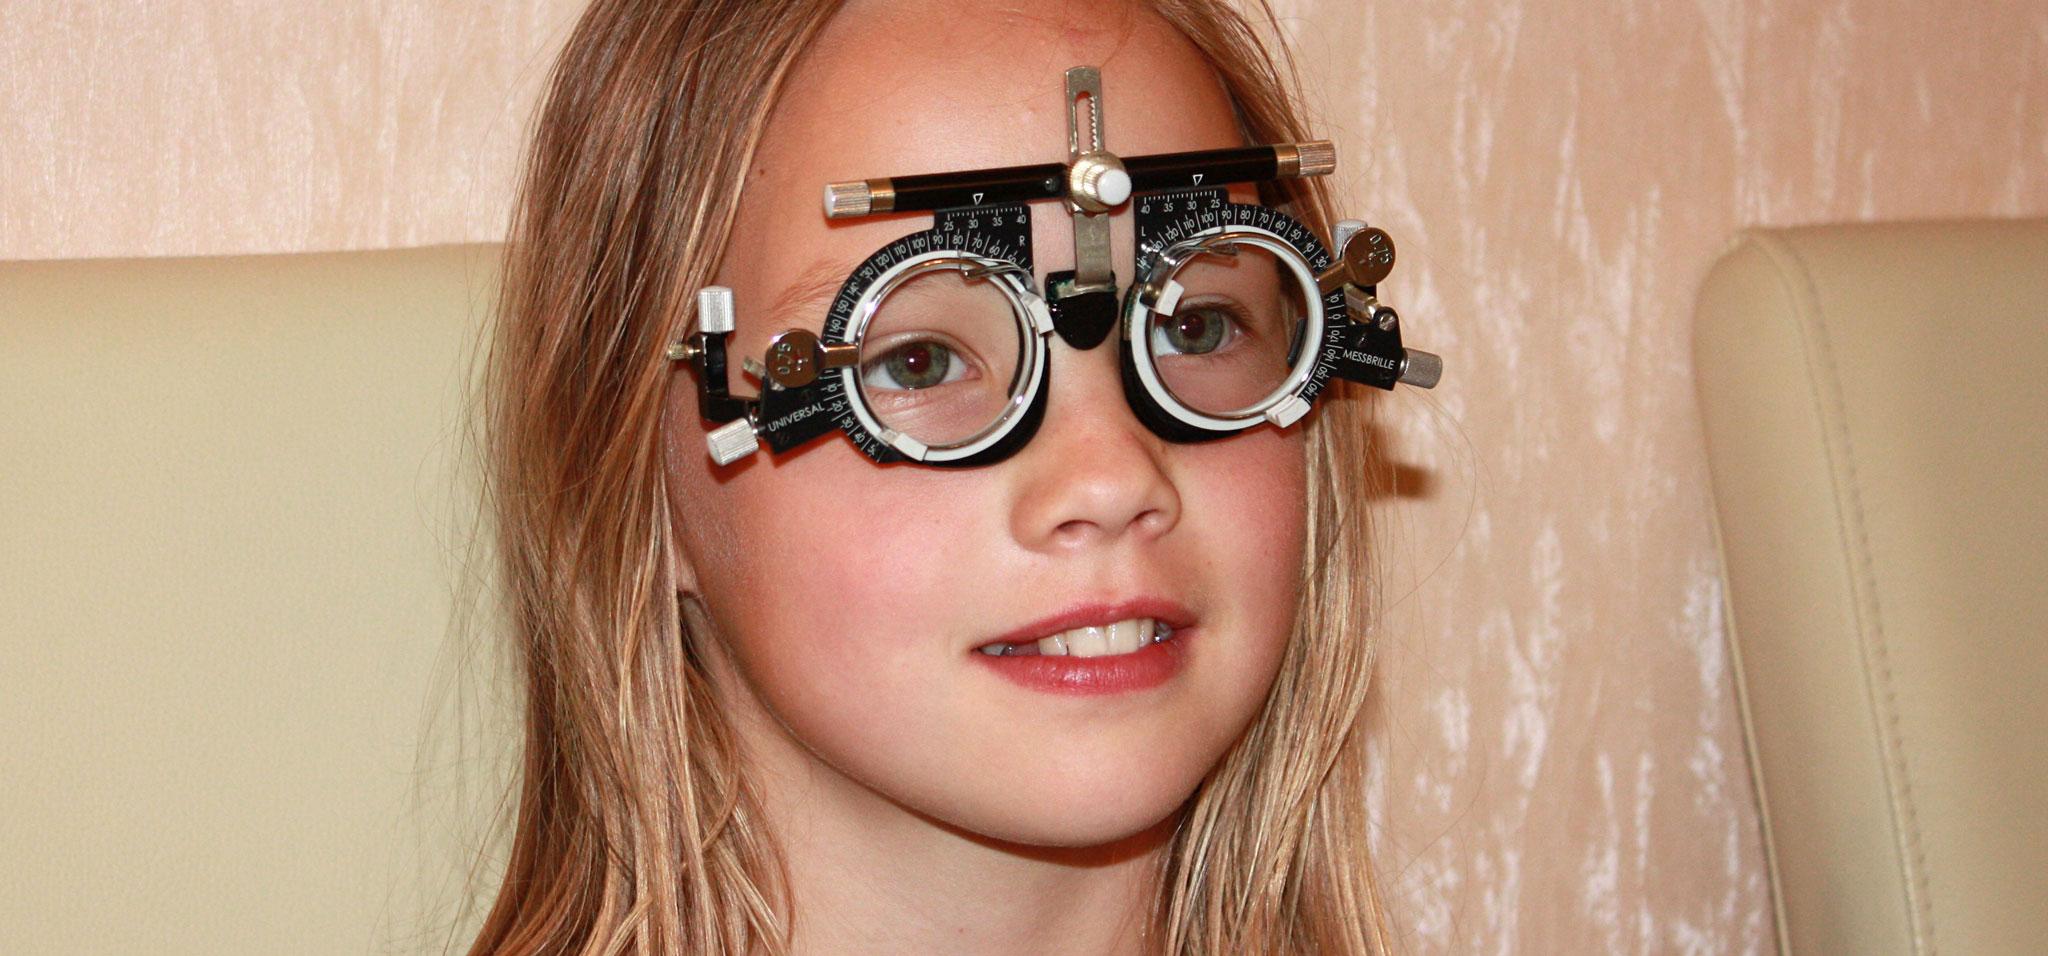 szemüveg hyperopia kezelésére)